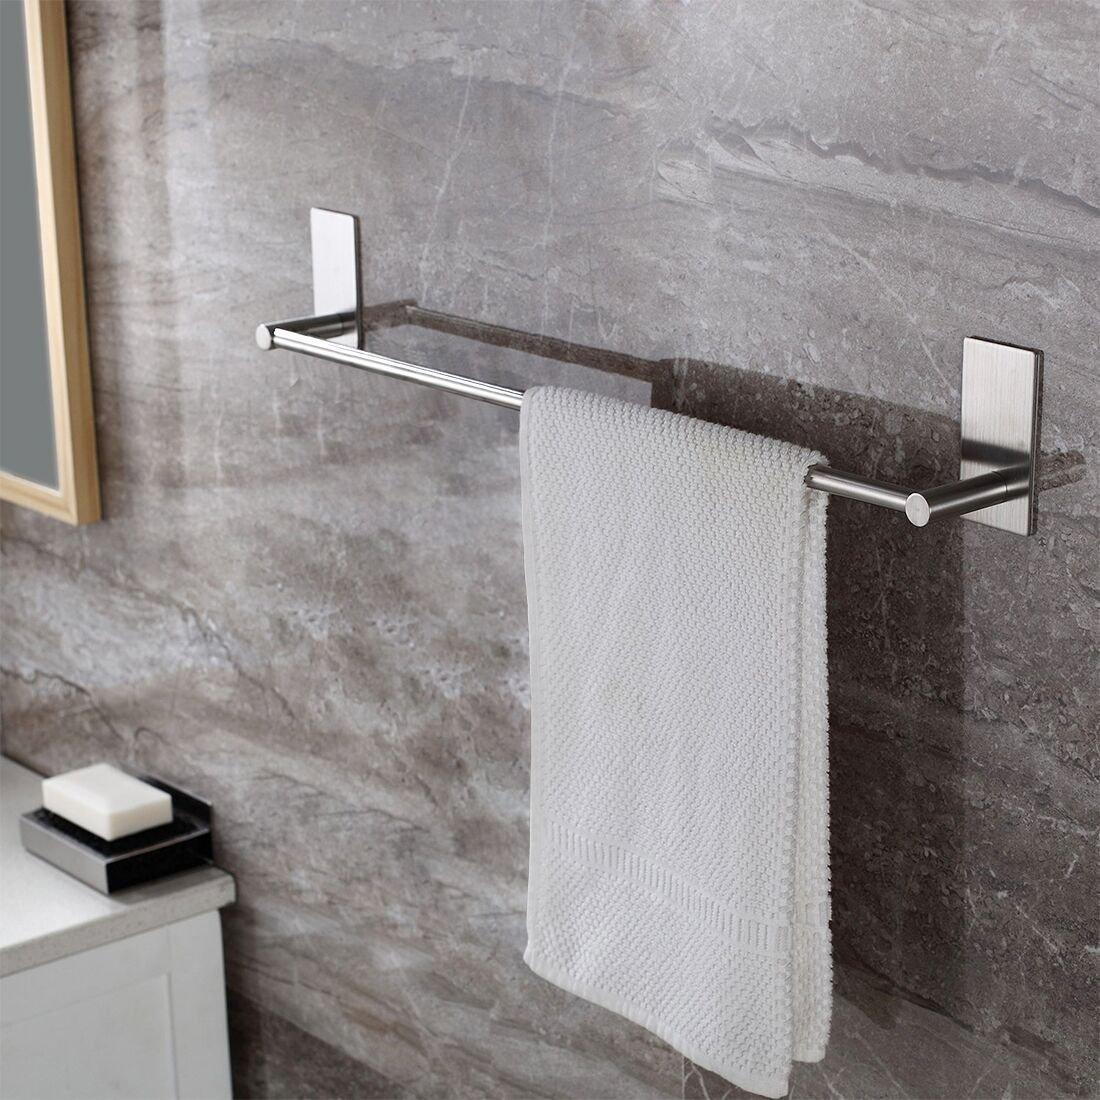 Leyden TM 3M Self Adhesive 16-Inch Stainless Steel Bathroom Single Towel Bar Holder Hanging Rack, Brushed Nickel